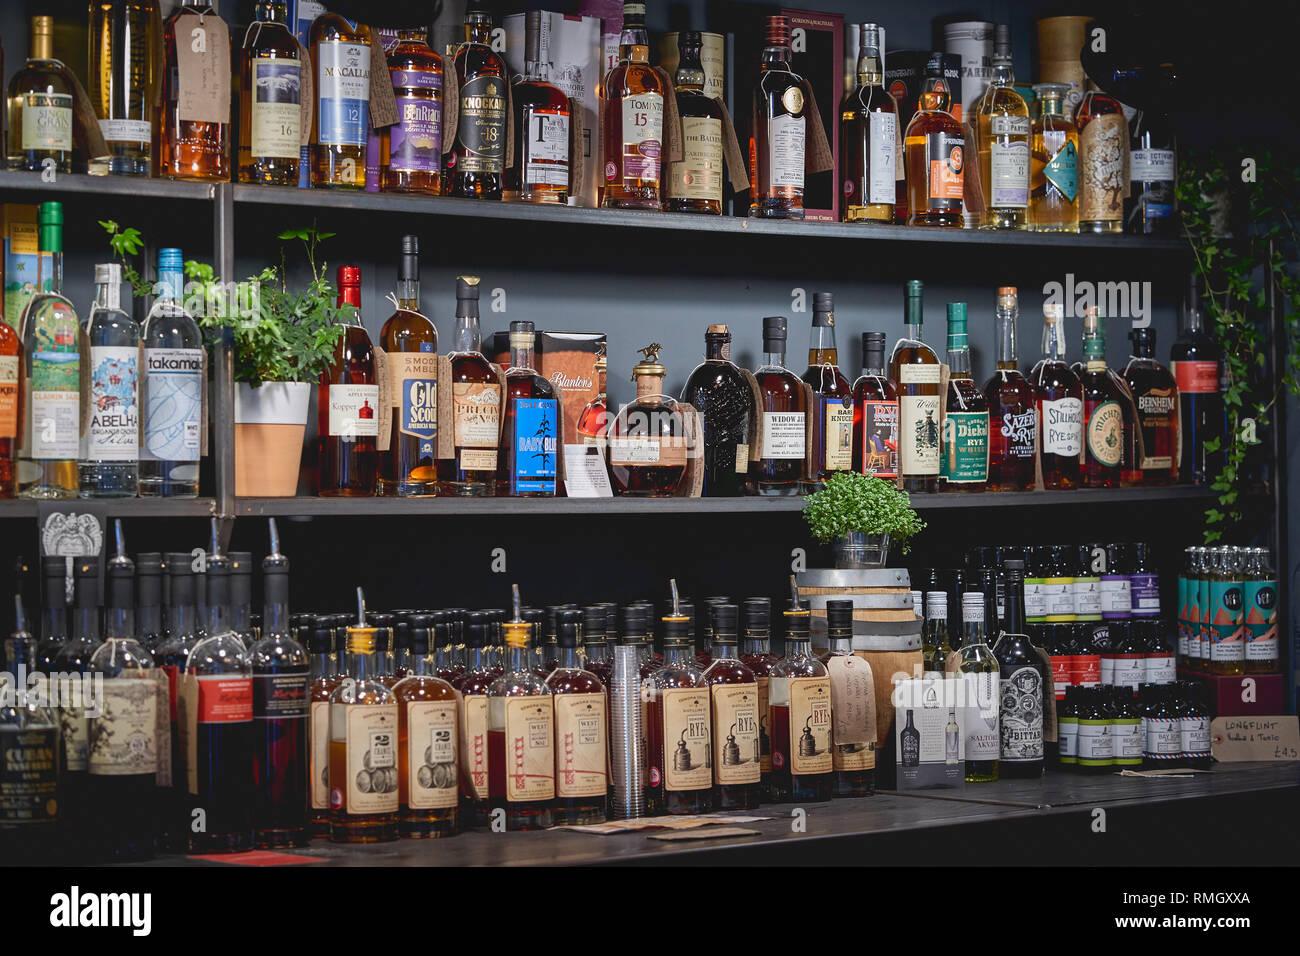 London Uk June 2018 Shelves Full Of Liquor Bottles On